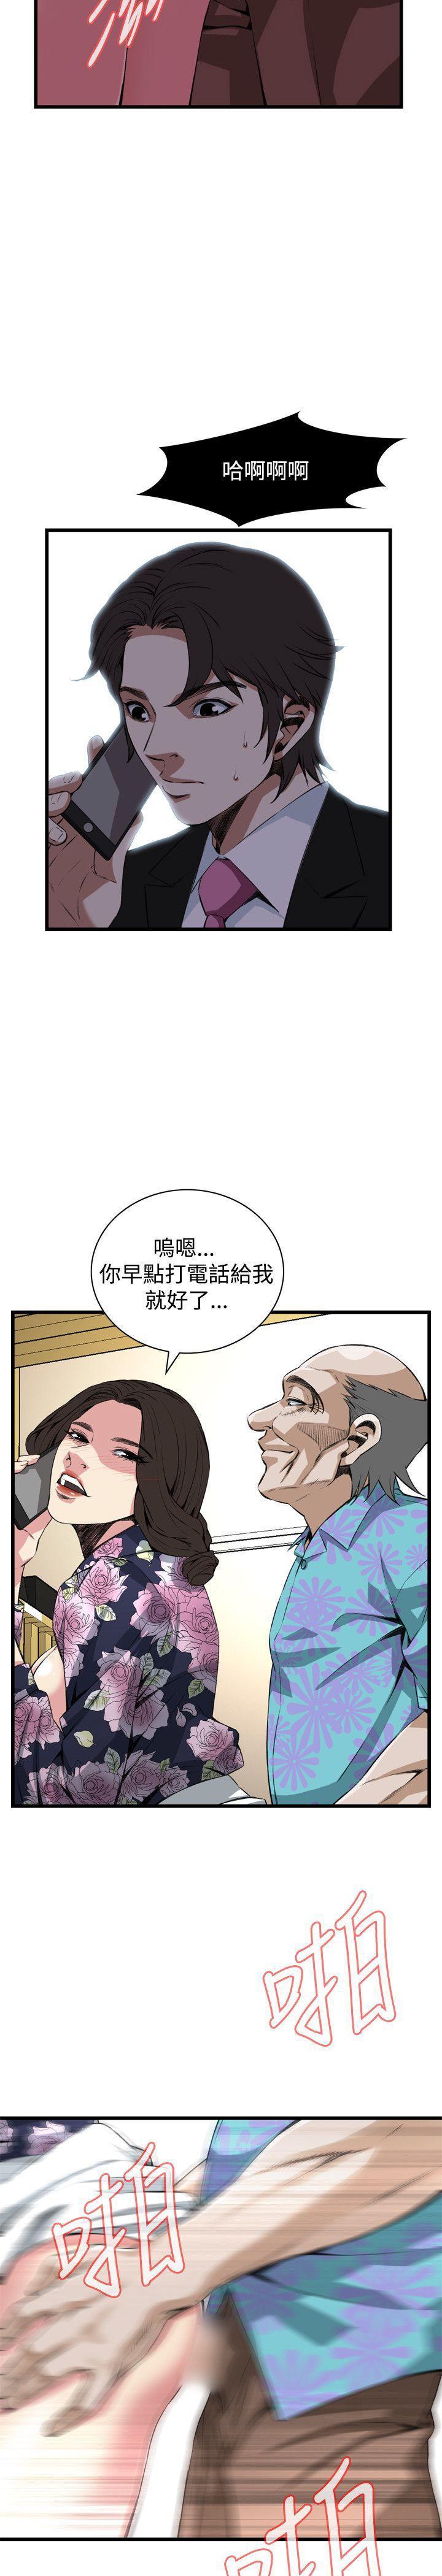 偷窥72-93 Chinese Rsiky 15